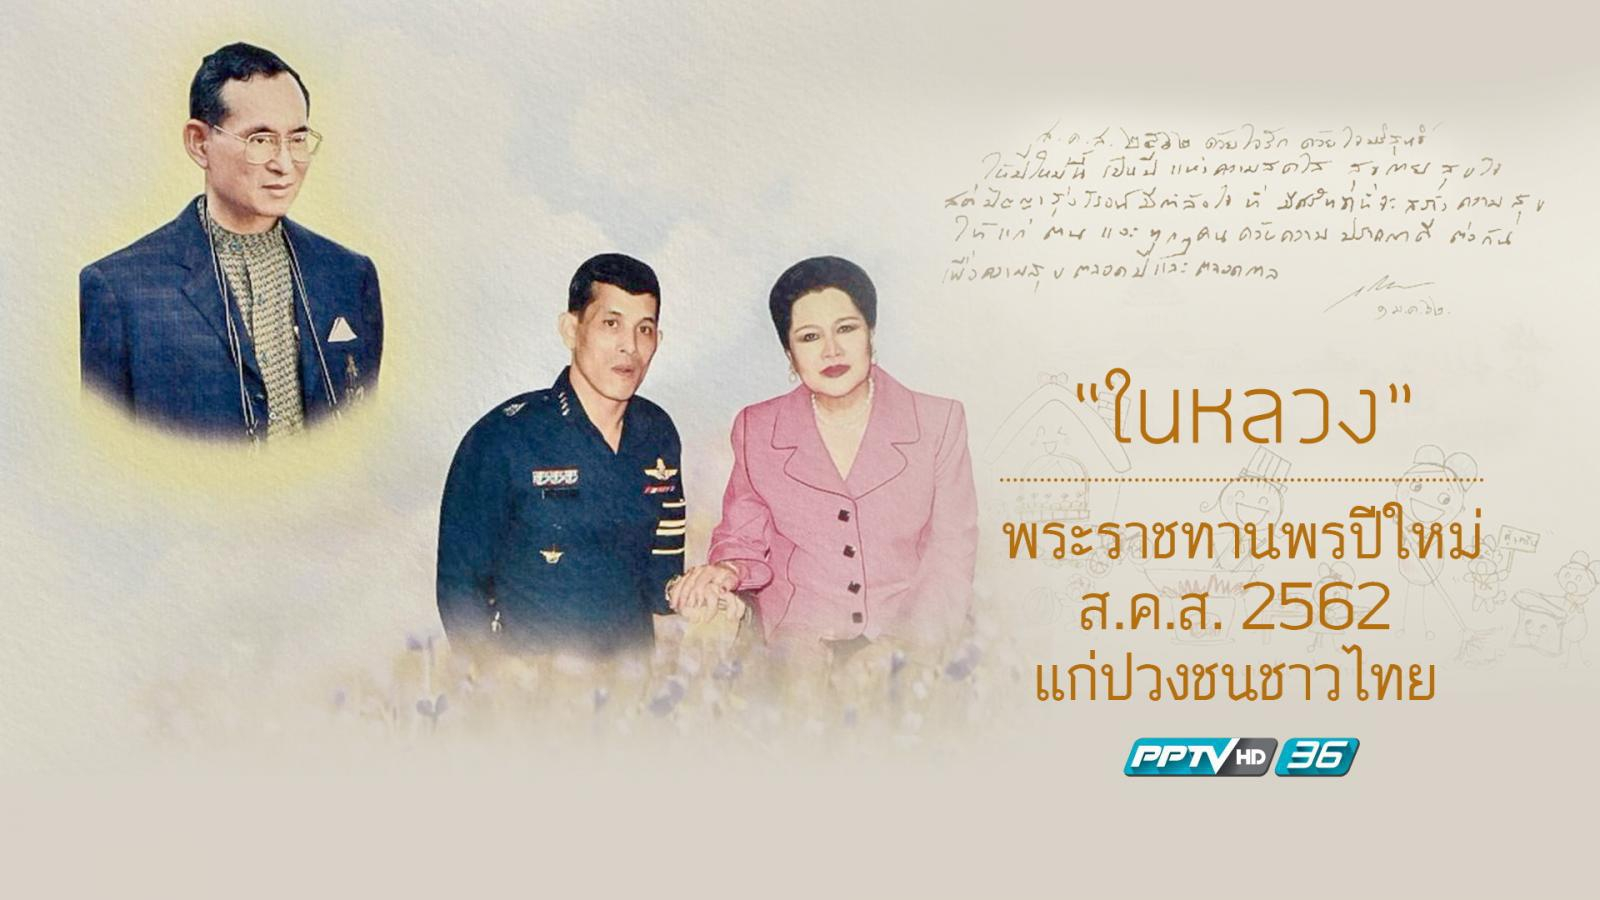 """""""ในหลวง"""" พระราชทานพรปีใหม่ - ส.ค.ส. 2562 แก่ปวงชนชาวไทย"""